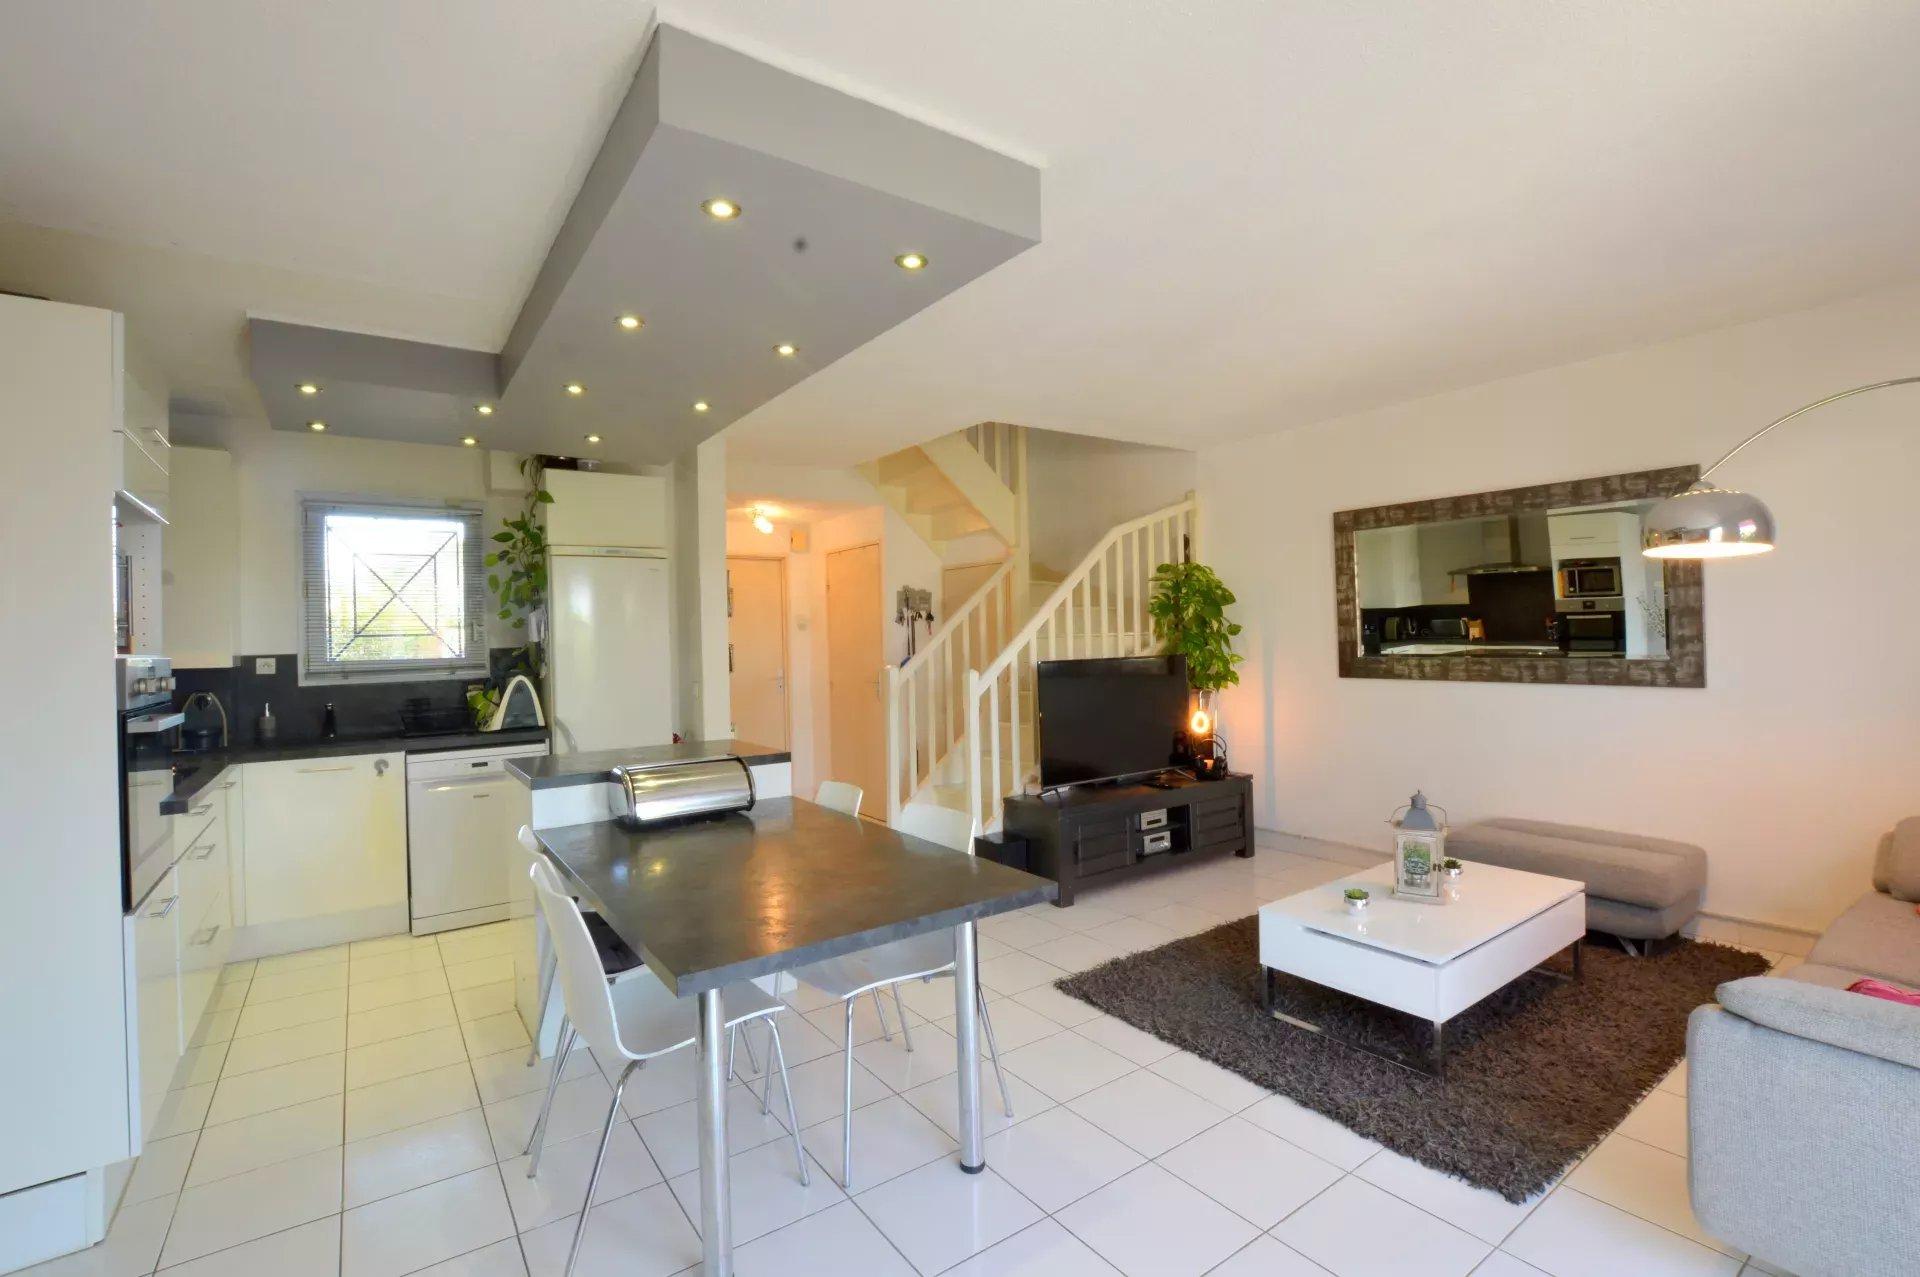 Maison 4 pièces de 72 m² 34120 Mauguio